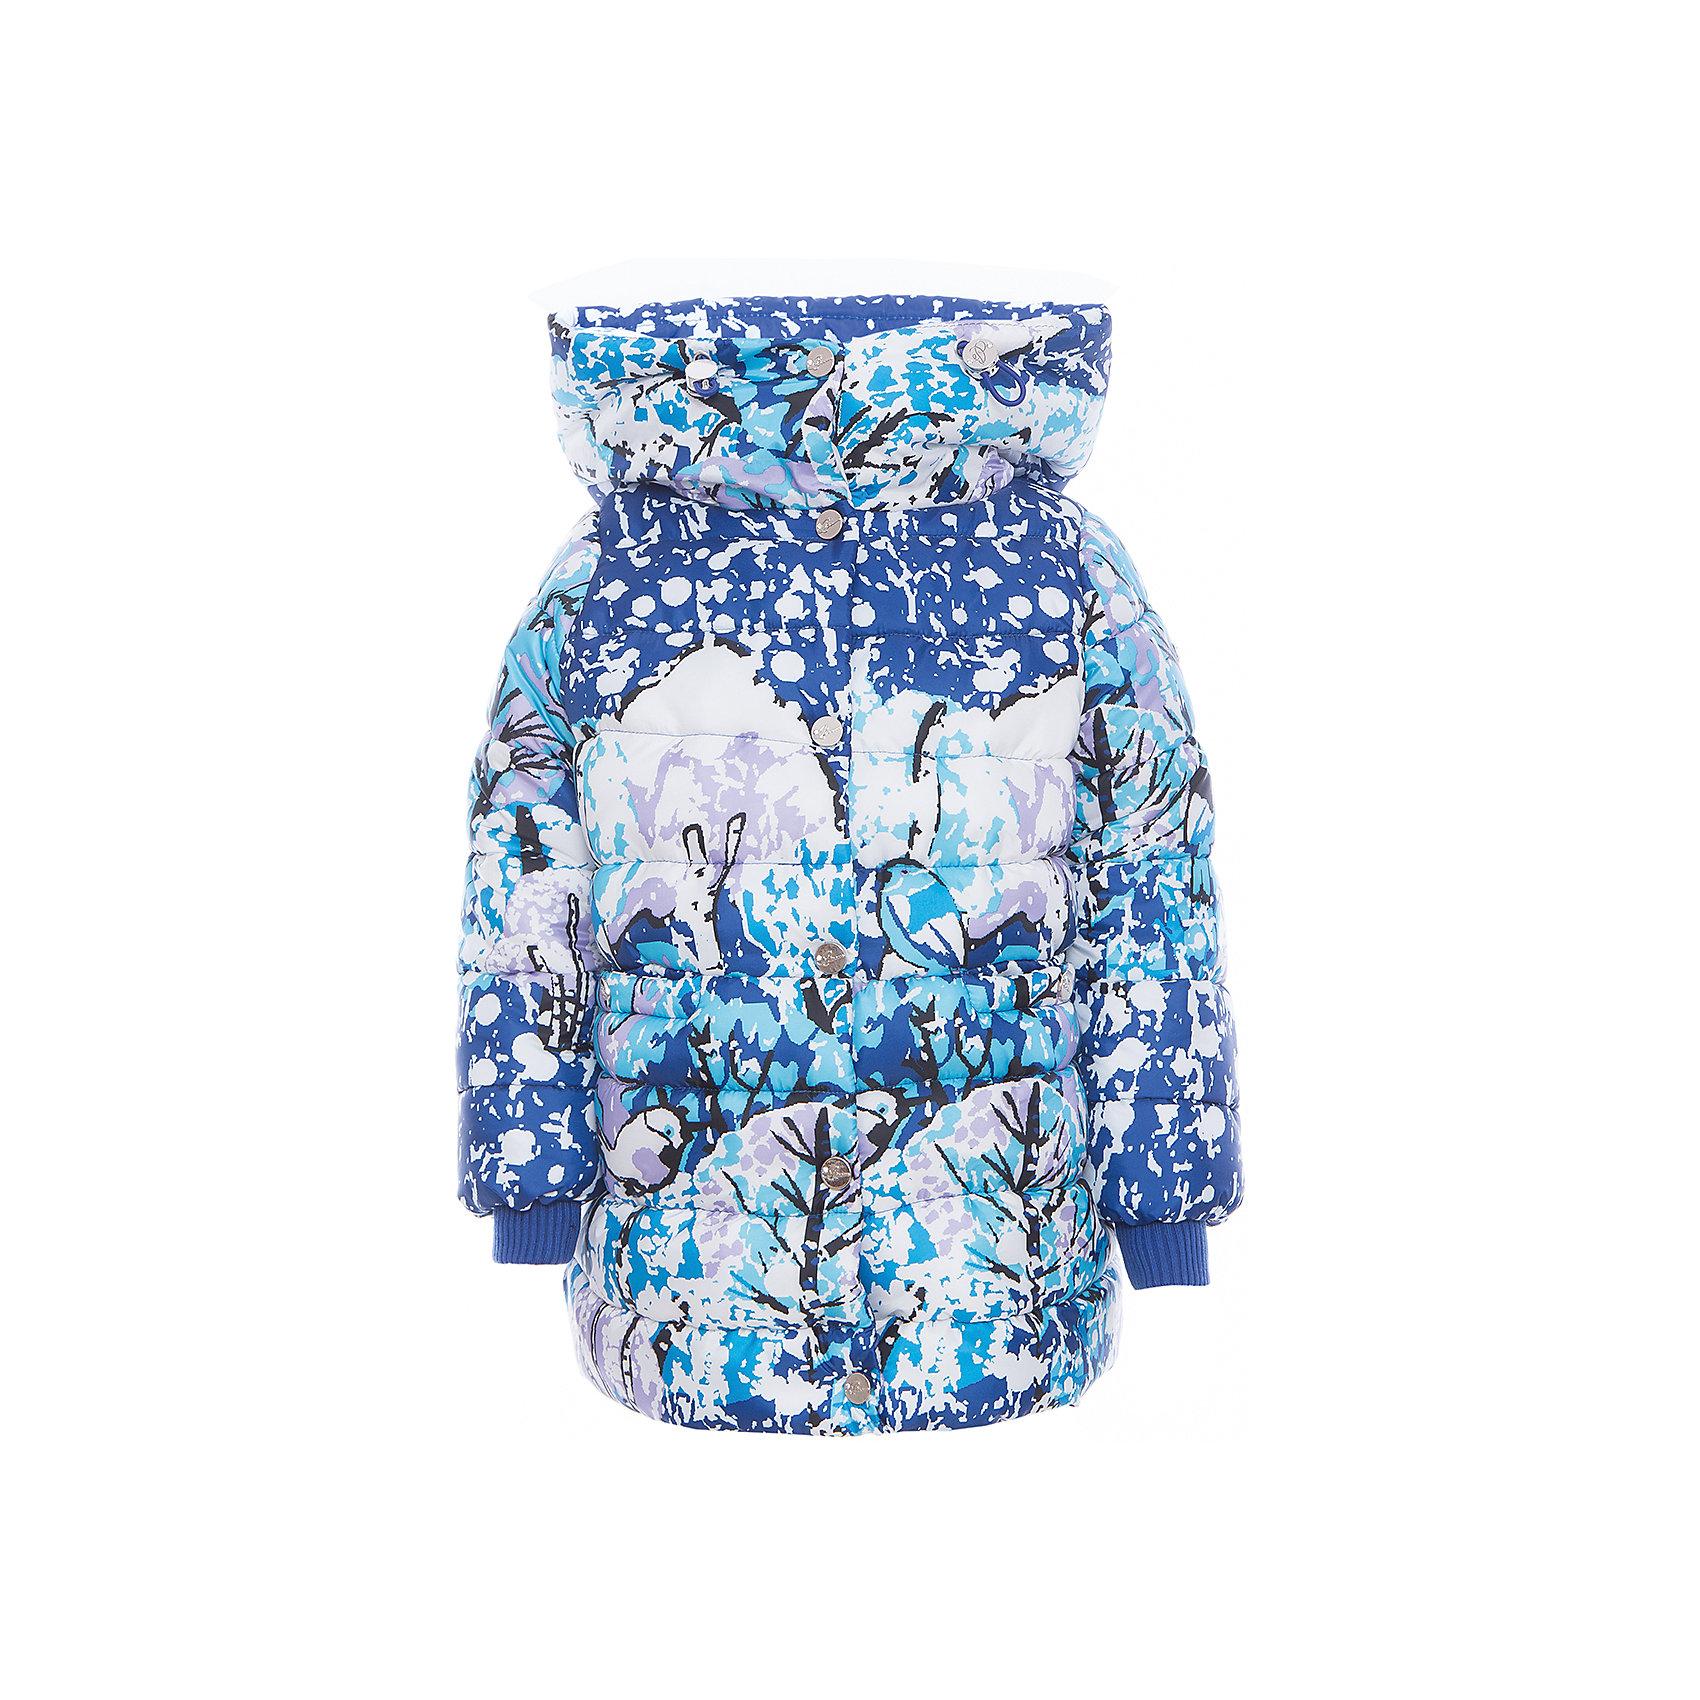 Пальто для девочки BOOM by OrbyВерхняя одежда<br>Характеристики изделия:<br><br>- материа л верха: 100% полиэстер;<br>- подкладка: ПЭ, флис;<br>- утеплитель: Flexy Fiber 400 г/м2, <br>- капюшон;<br>- фурнитура: металл, пластик;<br>- застежка: молния;<br>- высокий воротник;<br>- защита подбородка;<br>- клапан от ветра;<br>- принт;<br>- температурный режим до -30°С<br><br><br>В холодный сезон девочки хотят одеваться не только тепло, но и модно. Это стильное и теплое пальто позволит ребенку наслаждаться зимним отдыхом, не боясь замерзнуть, и выглядеть при этом очень симпатично.<br>Теплое пальто плотно сидит благодаря манжетам и надежным застежкам. Оно смотрится очень эффектно благодаря высокому воротнику и стильному принту. Пальто дополнено карманами и стопперами в талии, с помощью которых легко регулируется её размер.<br><br>Пальто для девочки от бренда BOOM by Orby можно купить в нашем магазине.<br><br>Ширина мм: 356<br>Глубина мм: 10<br>Высота мм: 245<br>Вес г: 519<br>Цвет: синий<br>Возраст от месяцев: 24<br>Возраст до месяцев: 36<br>Пол: Женский<br>Возраст: Детский<br>Размер: 98,146,140,128,122,152,104,116,158,110,134<br>SKU: 4982560